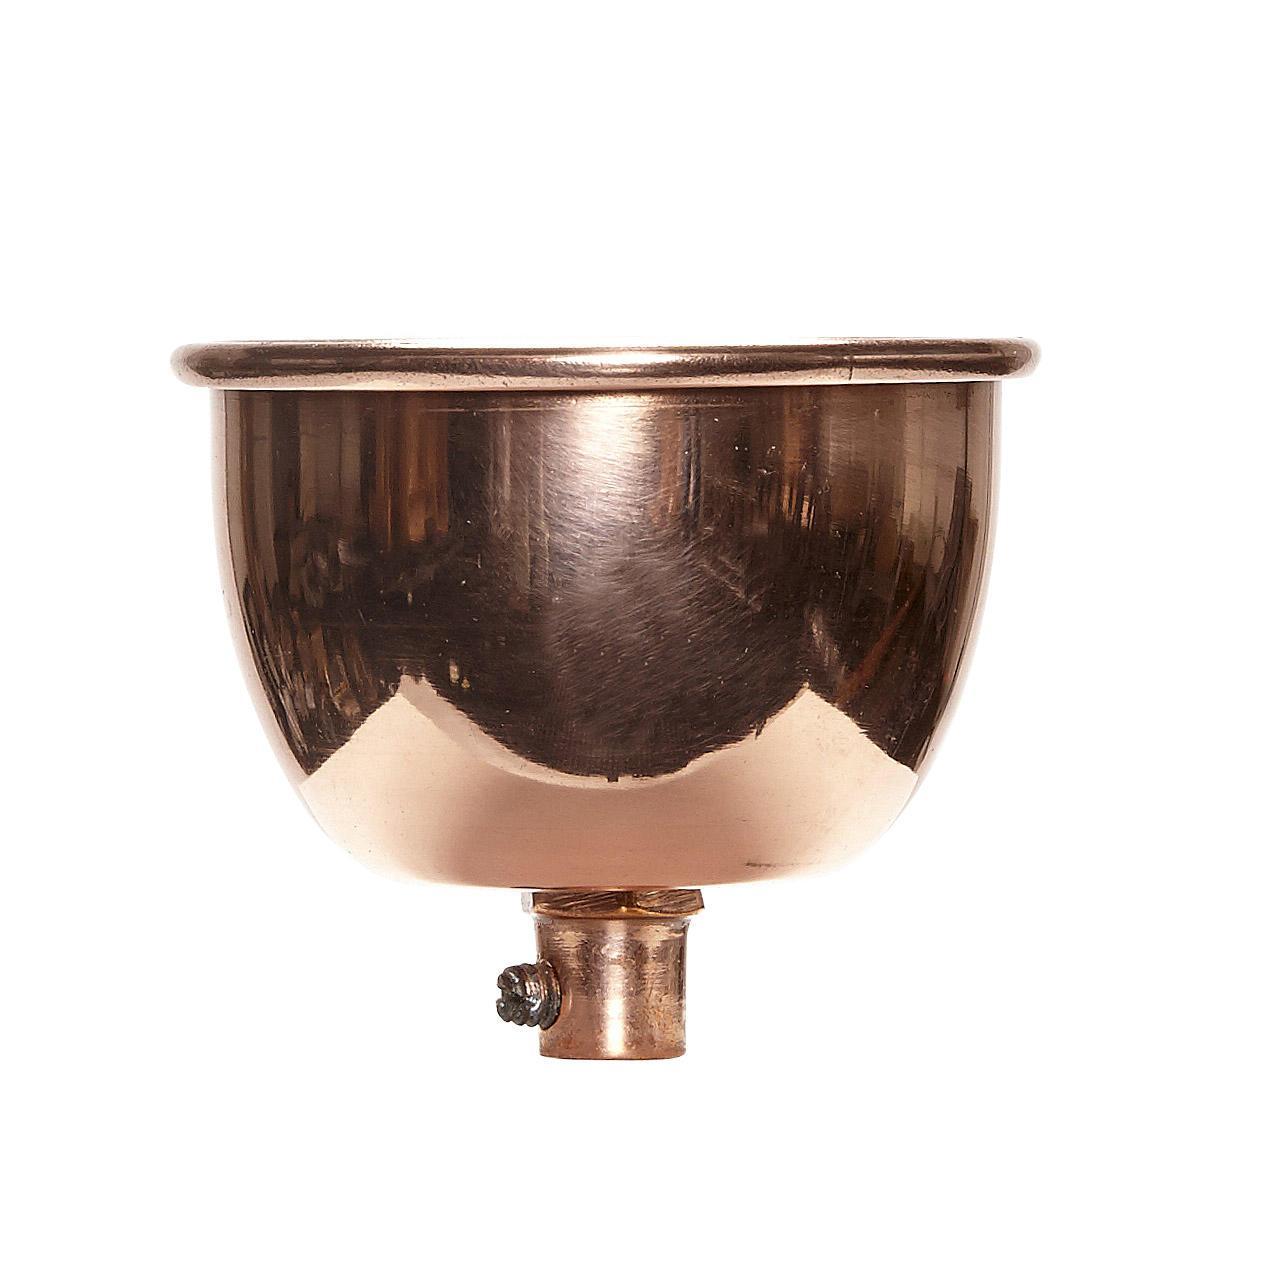 Hübsch Kovová krytka k lustru Copper, měděná barva, kov